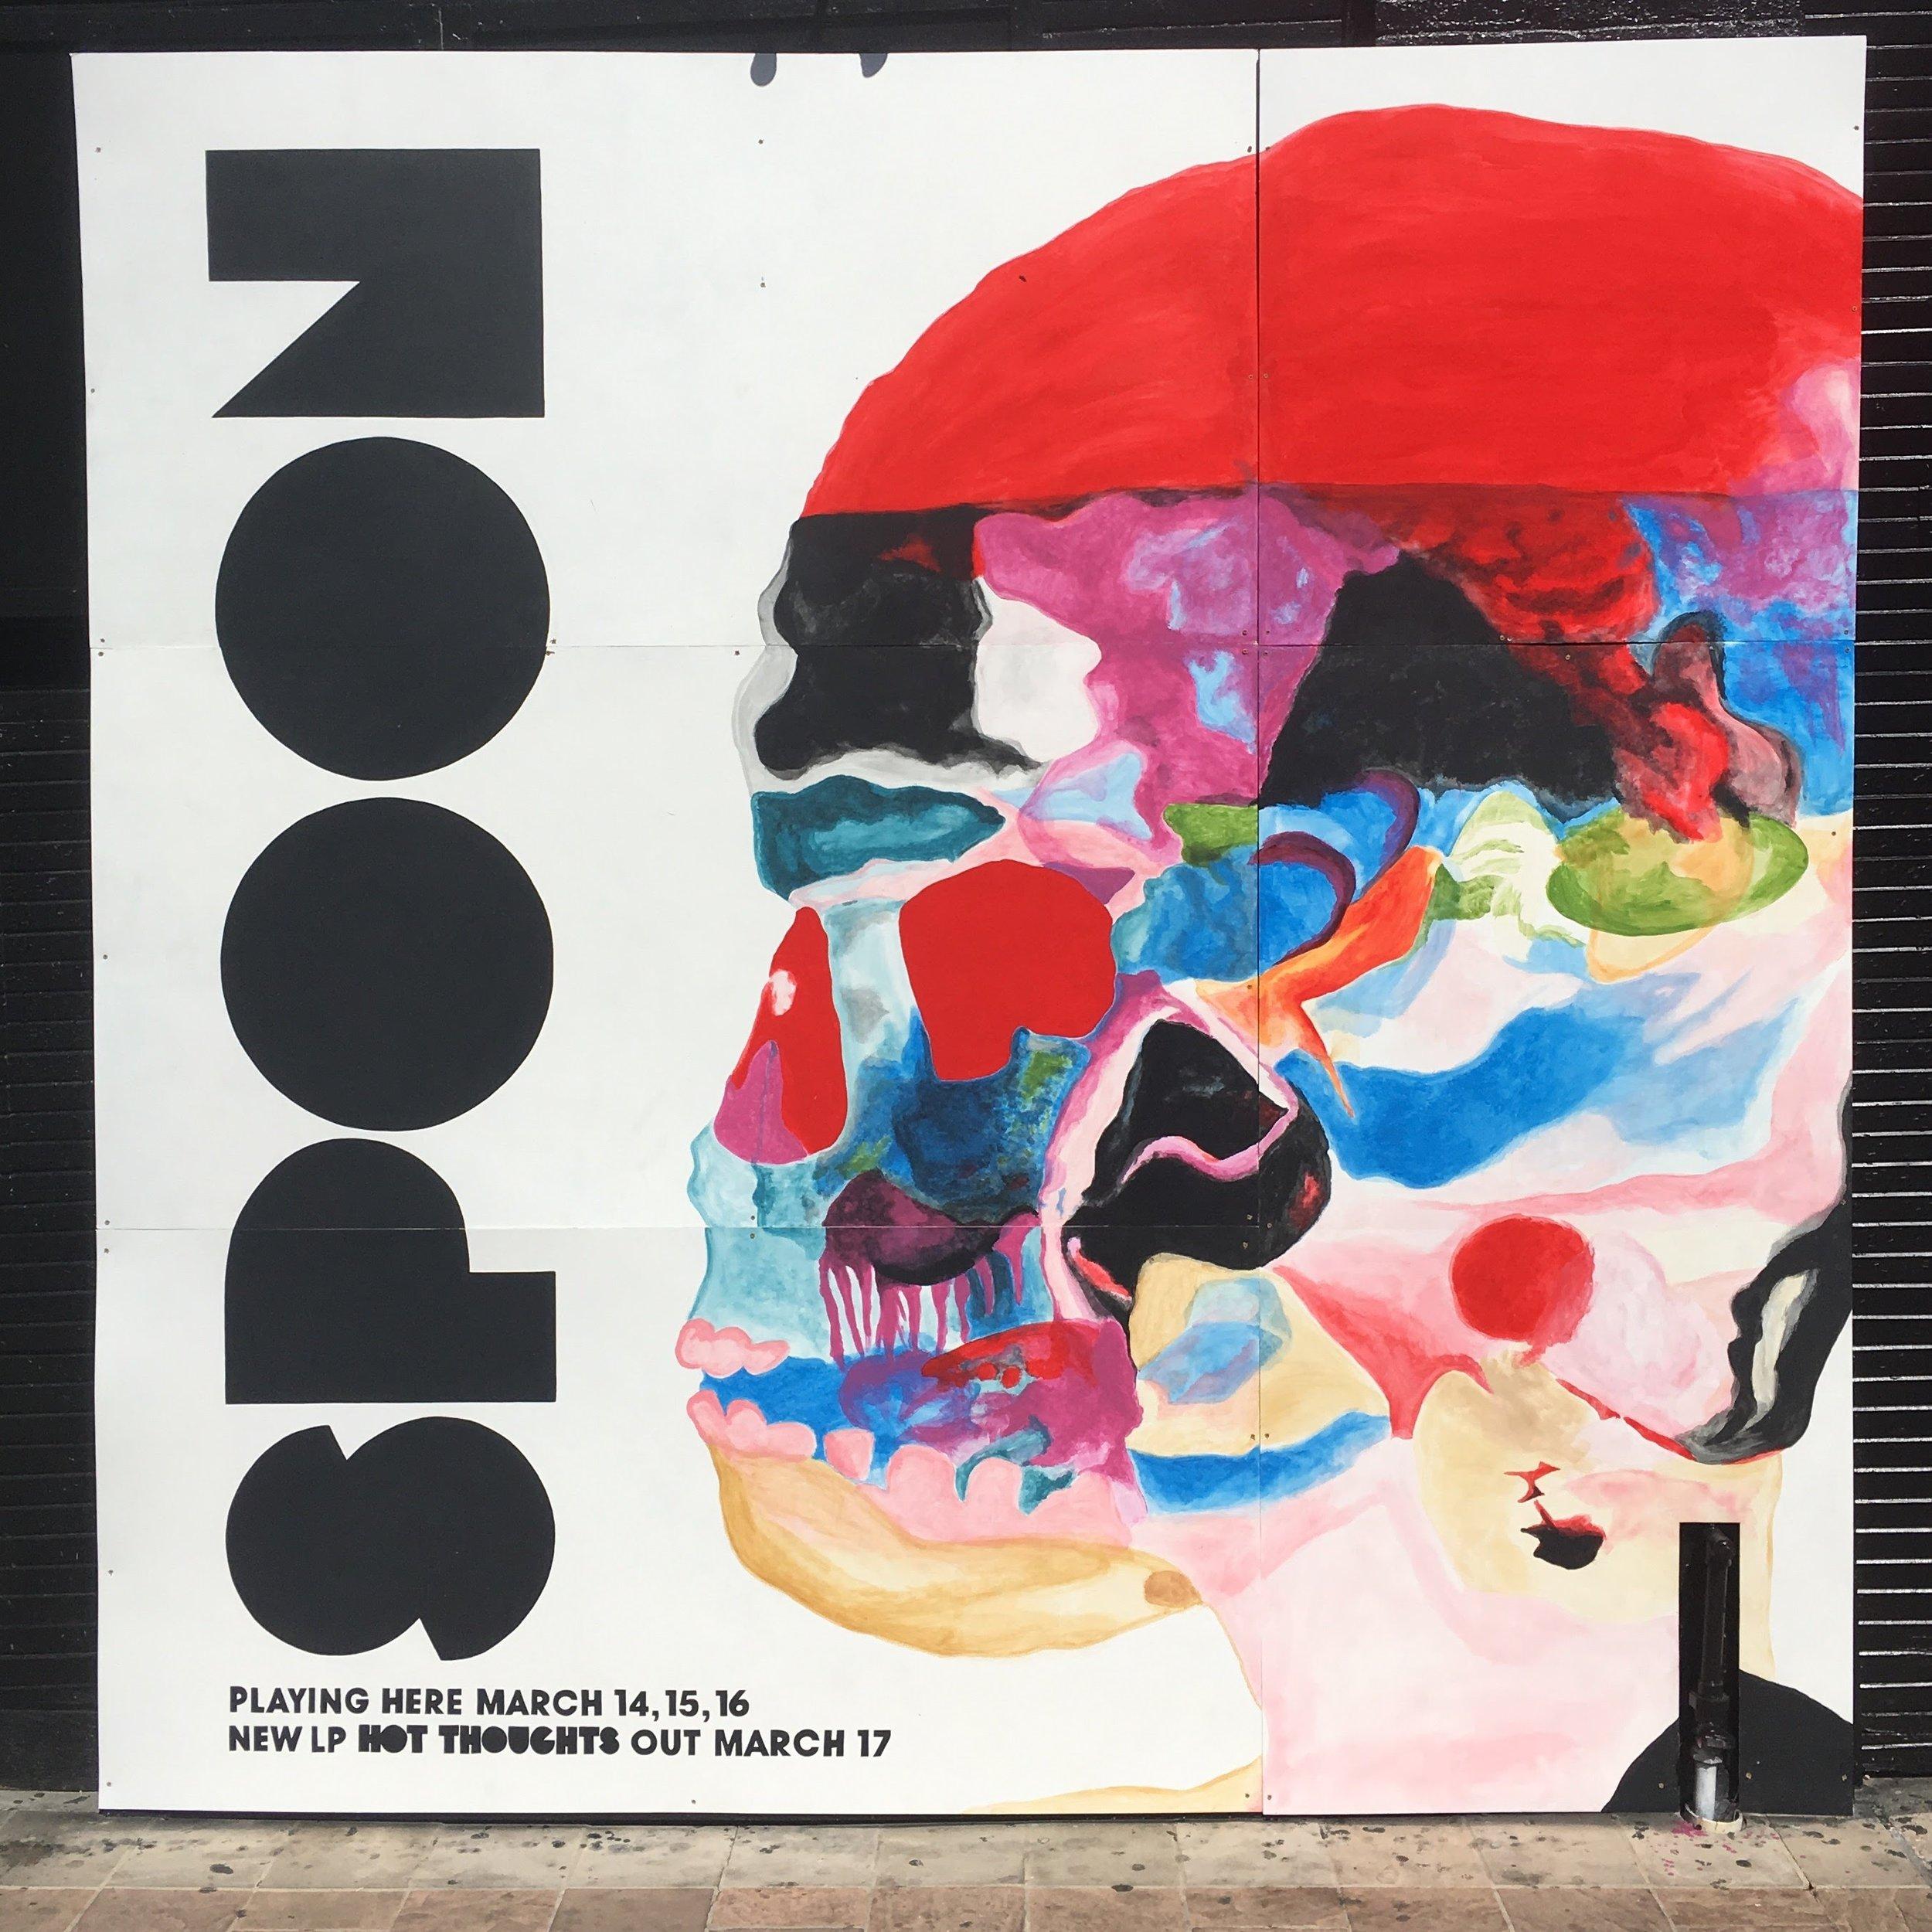 Spoon Album Art Mural - SXSW advertisement